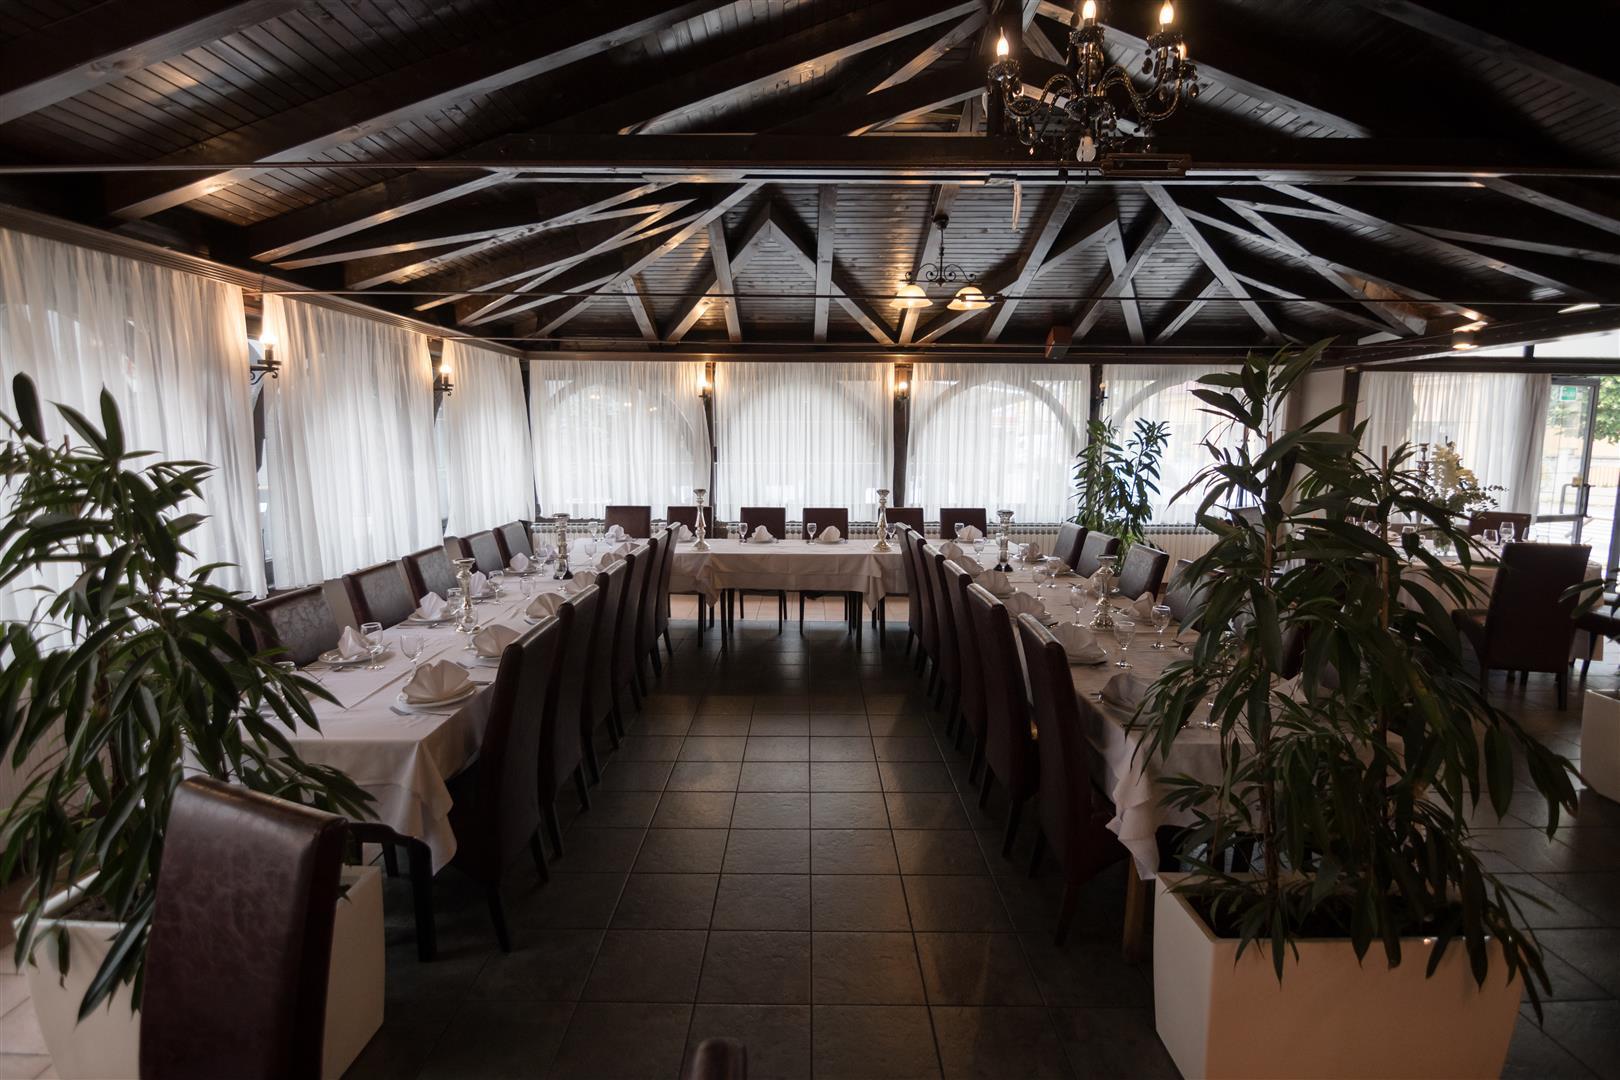 Mali raj - Restoran 18